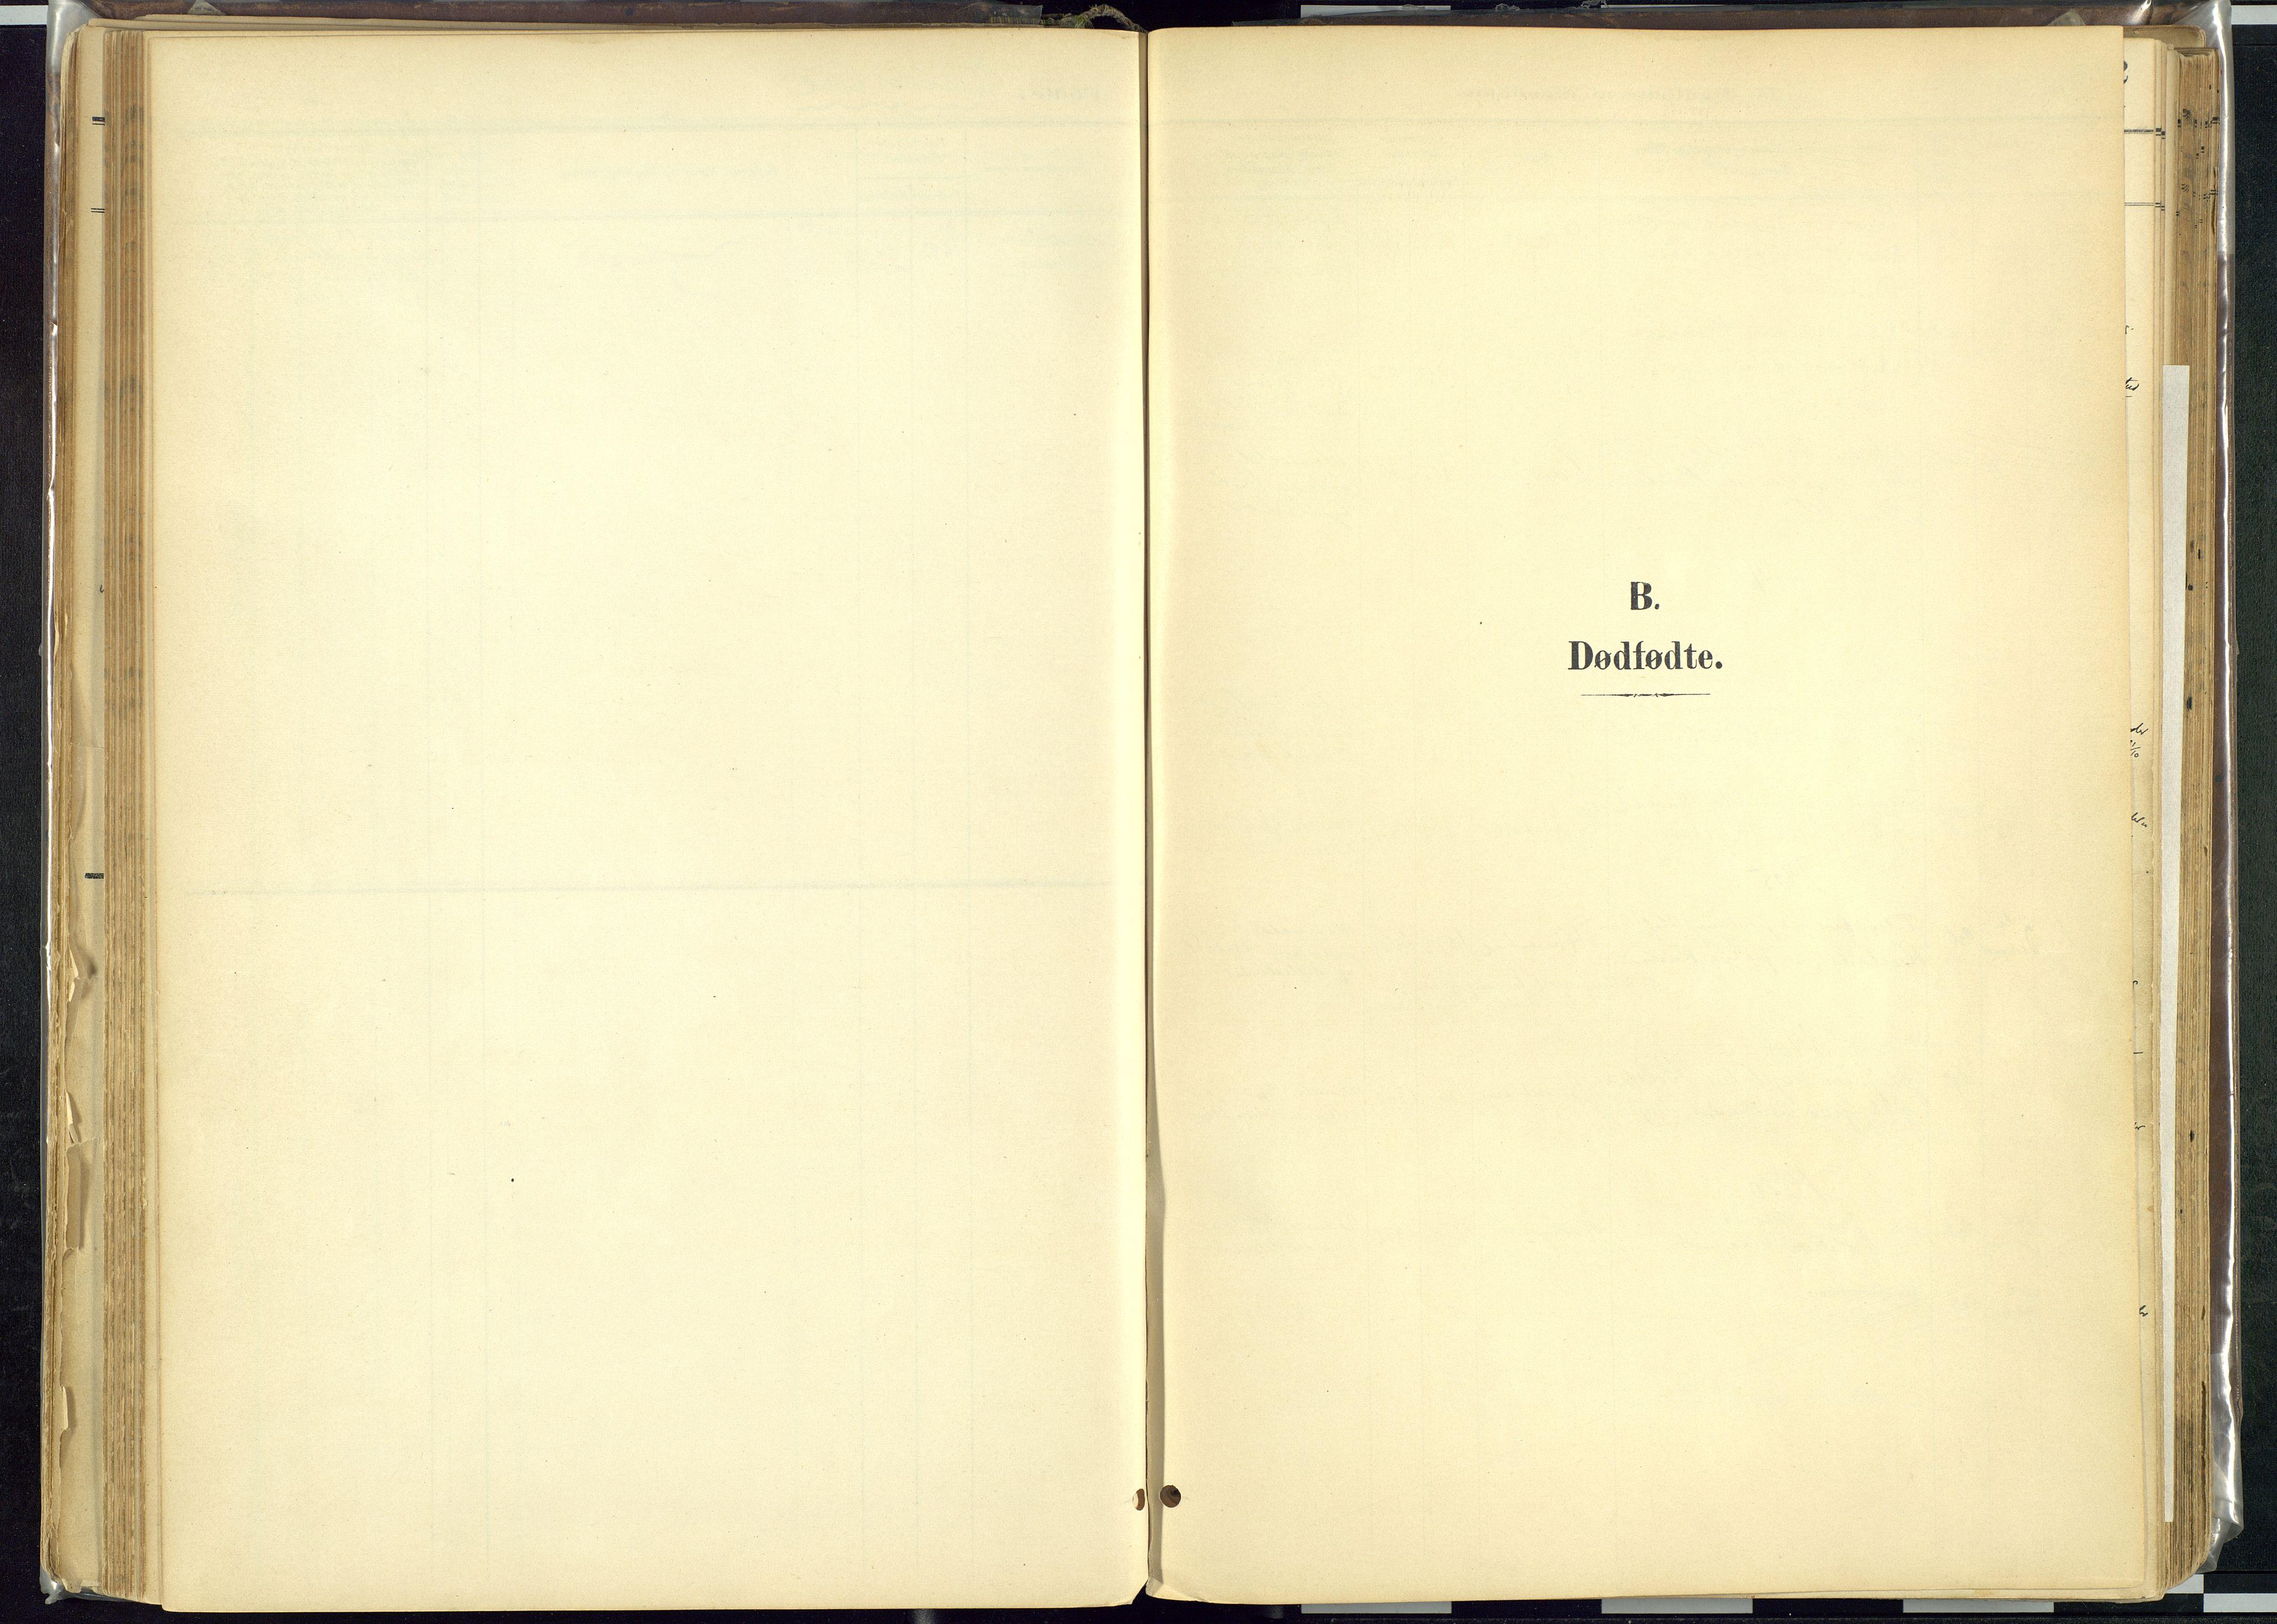 SAH, Rendalen prestekontor, H/Ha/Haa: Ministerialbok nr. 12, 1901-1928, s. 99